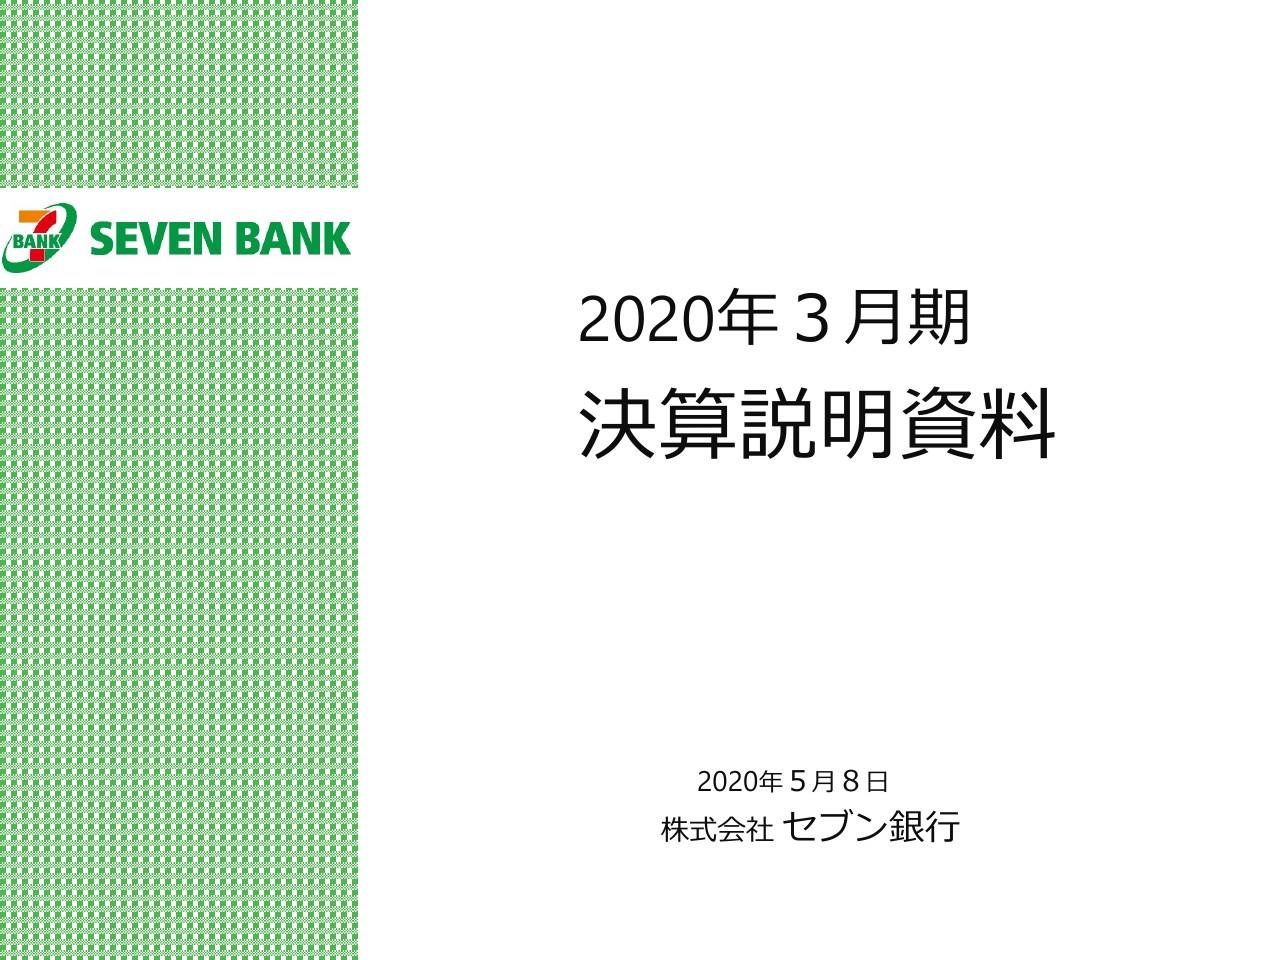 セブン銀行、増収増益 社会インフラとしての既存事業を強化しつつ新事業注力